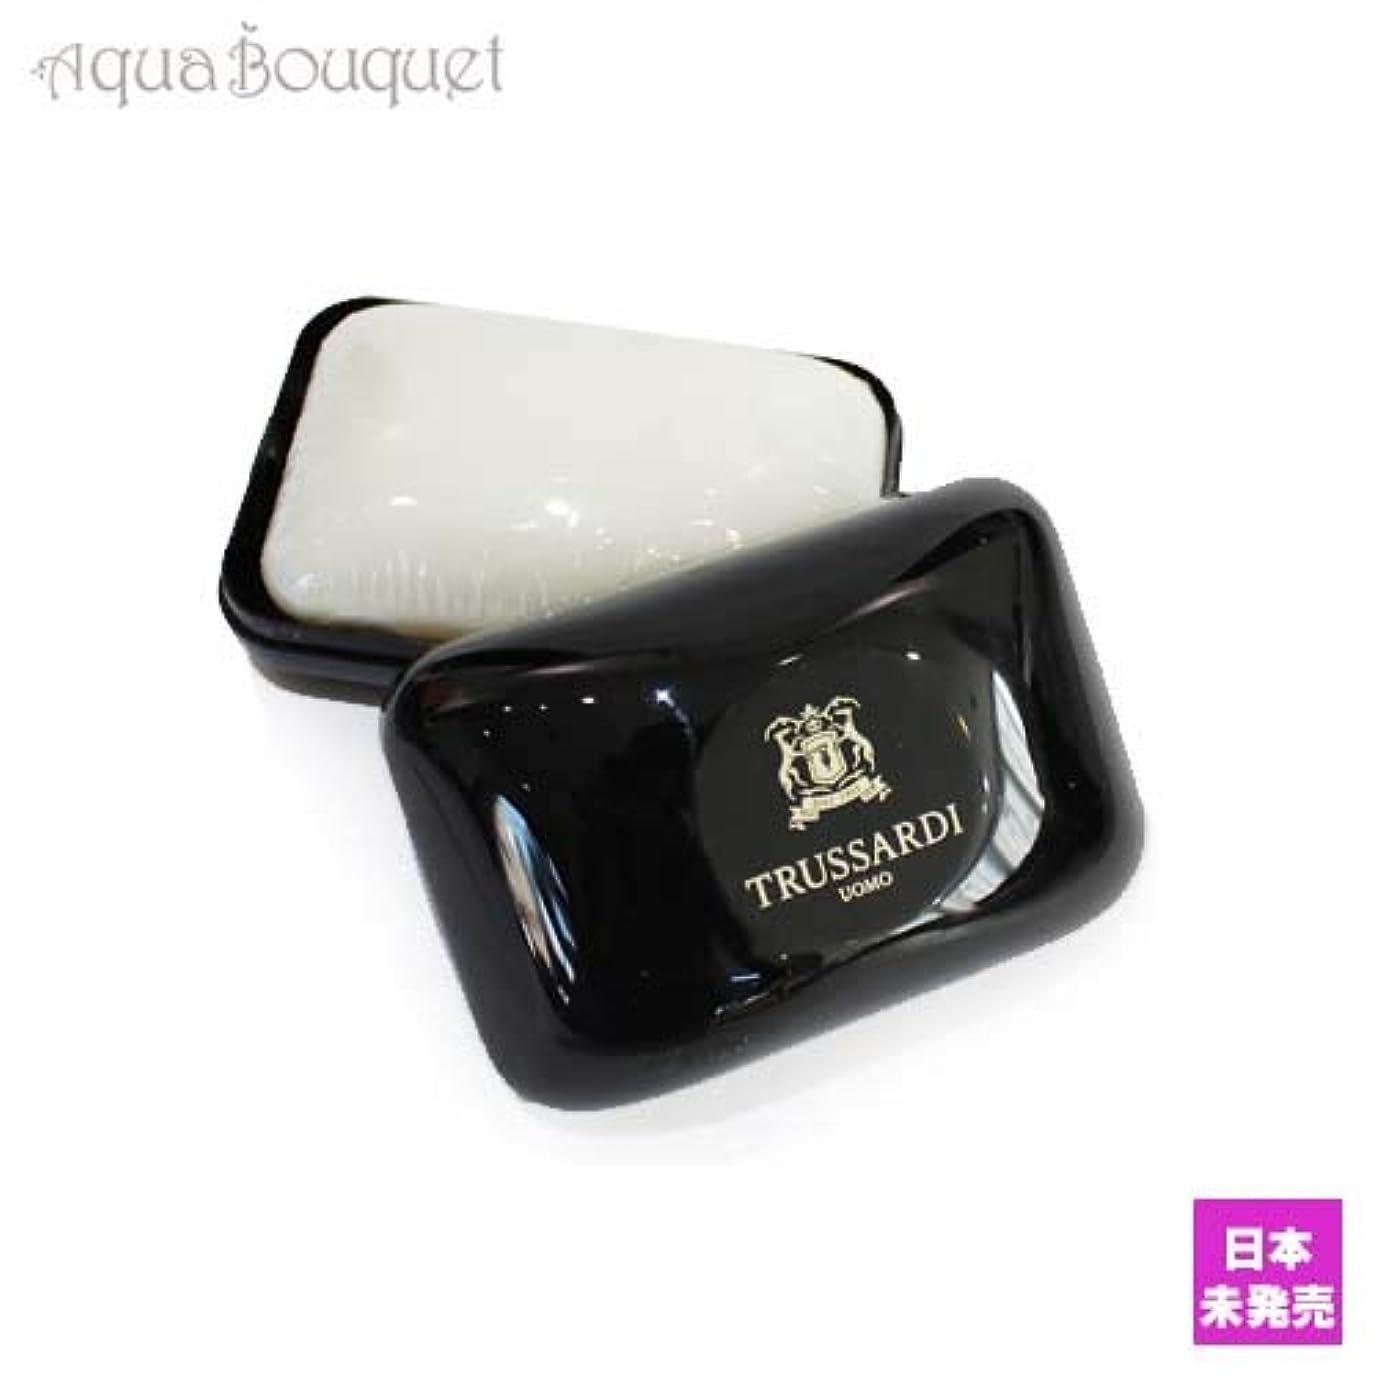 母音失う槍トラサルディ ウォモ ソープ 100g(ケース付き)TRUSSARDI UOMO SOAP [7216] [並行輸入品]